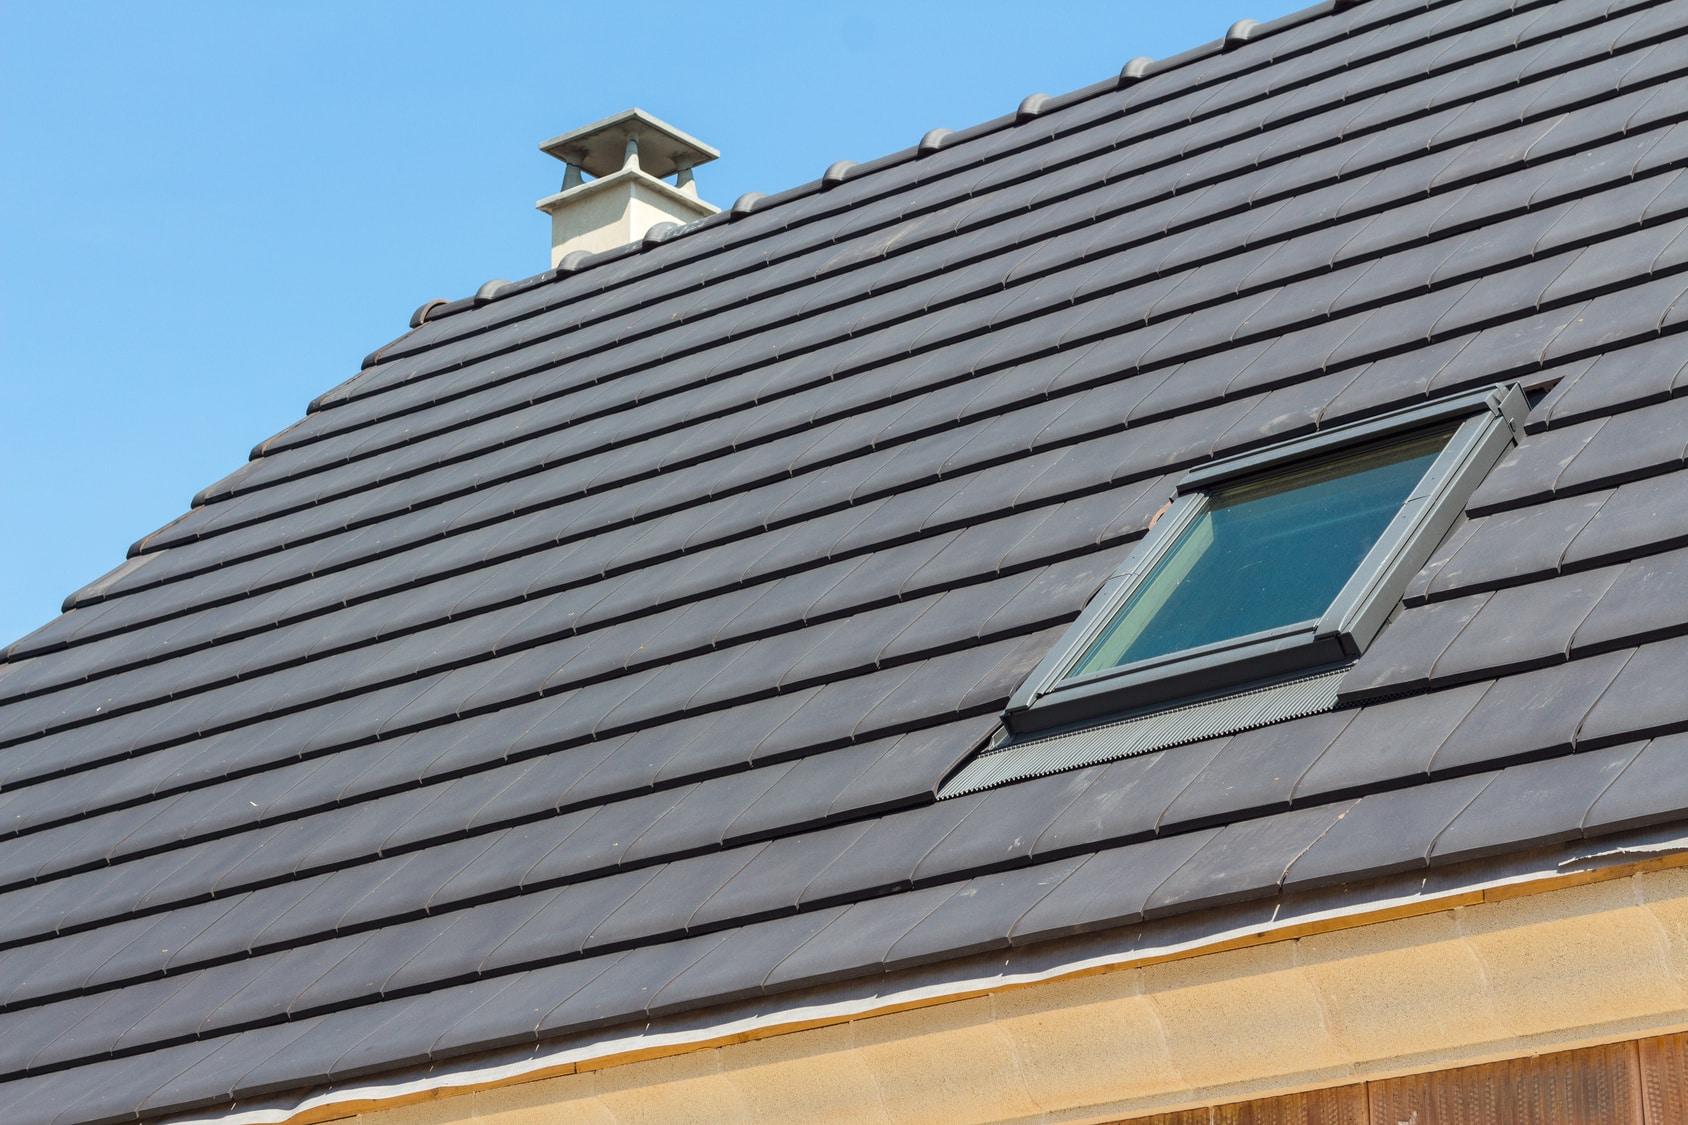 Choisir un type de toiture conforme aux normes